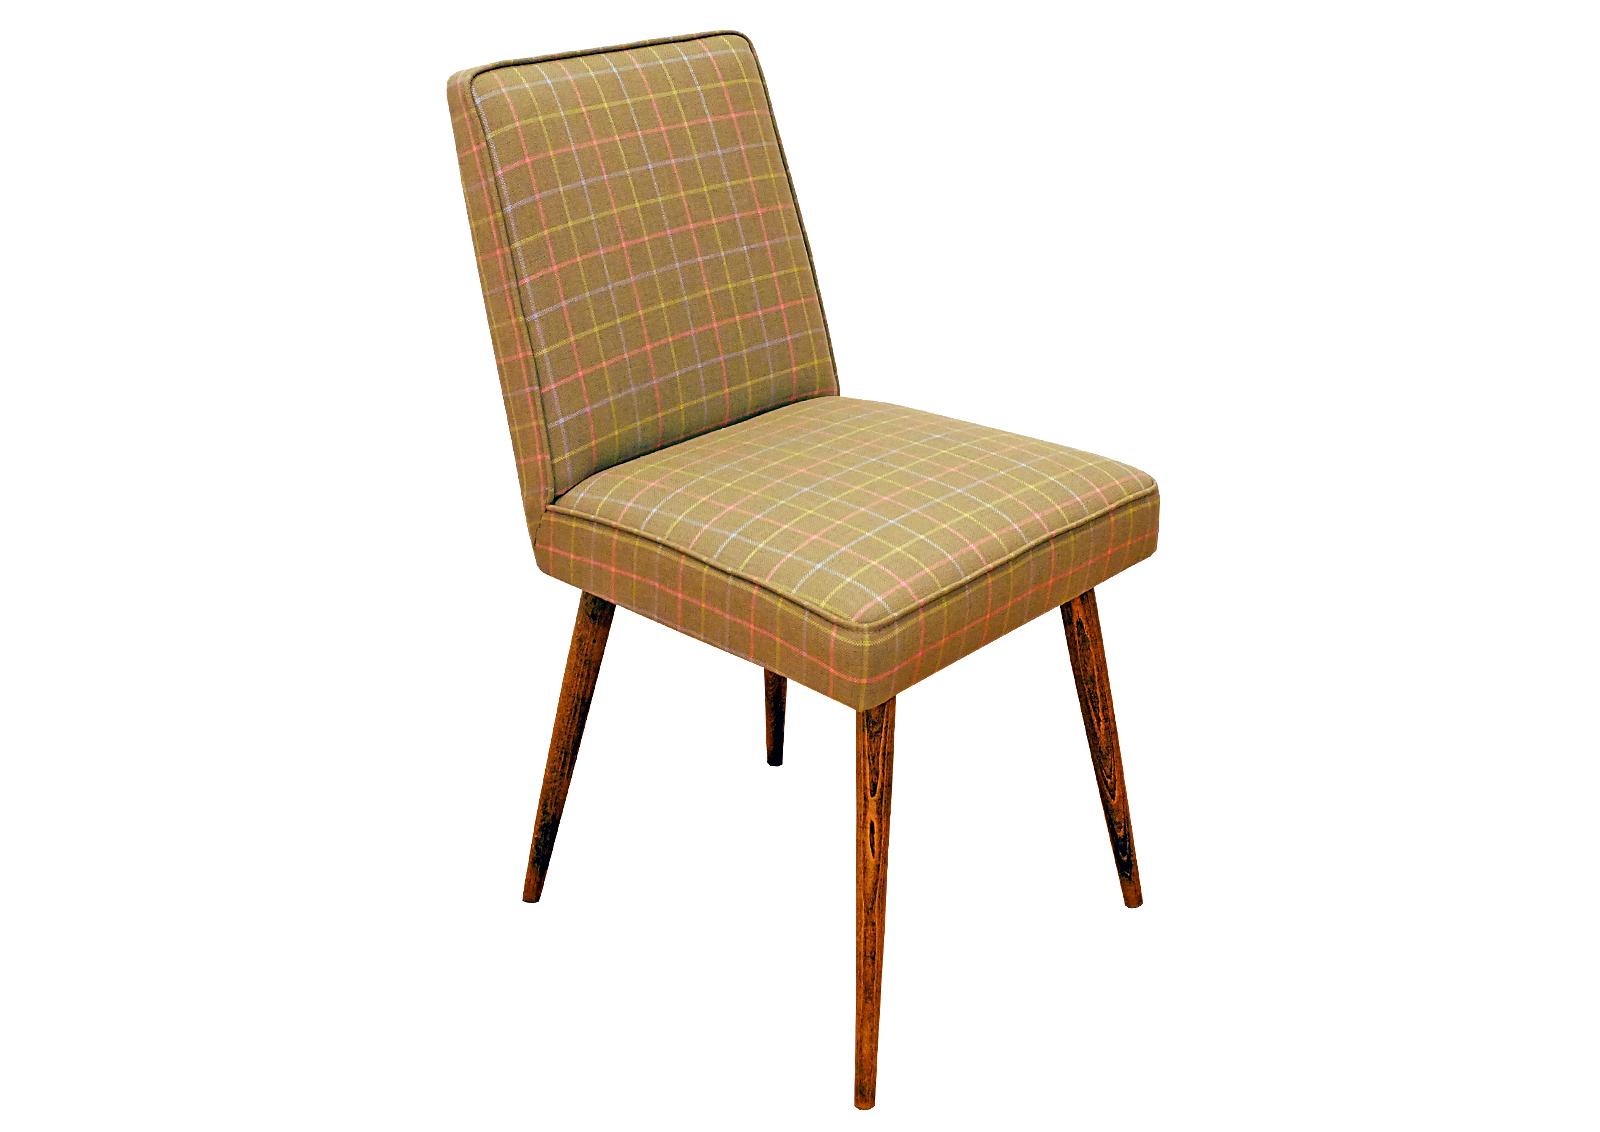 Krzesło fotelikowe (tapicerowane) znane jako